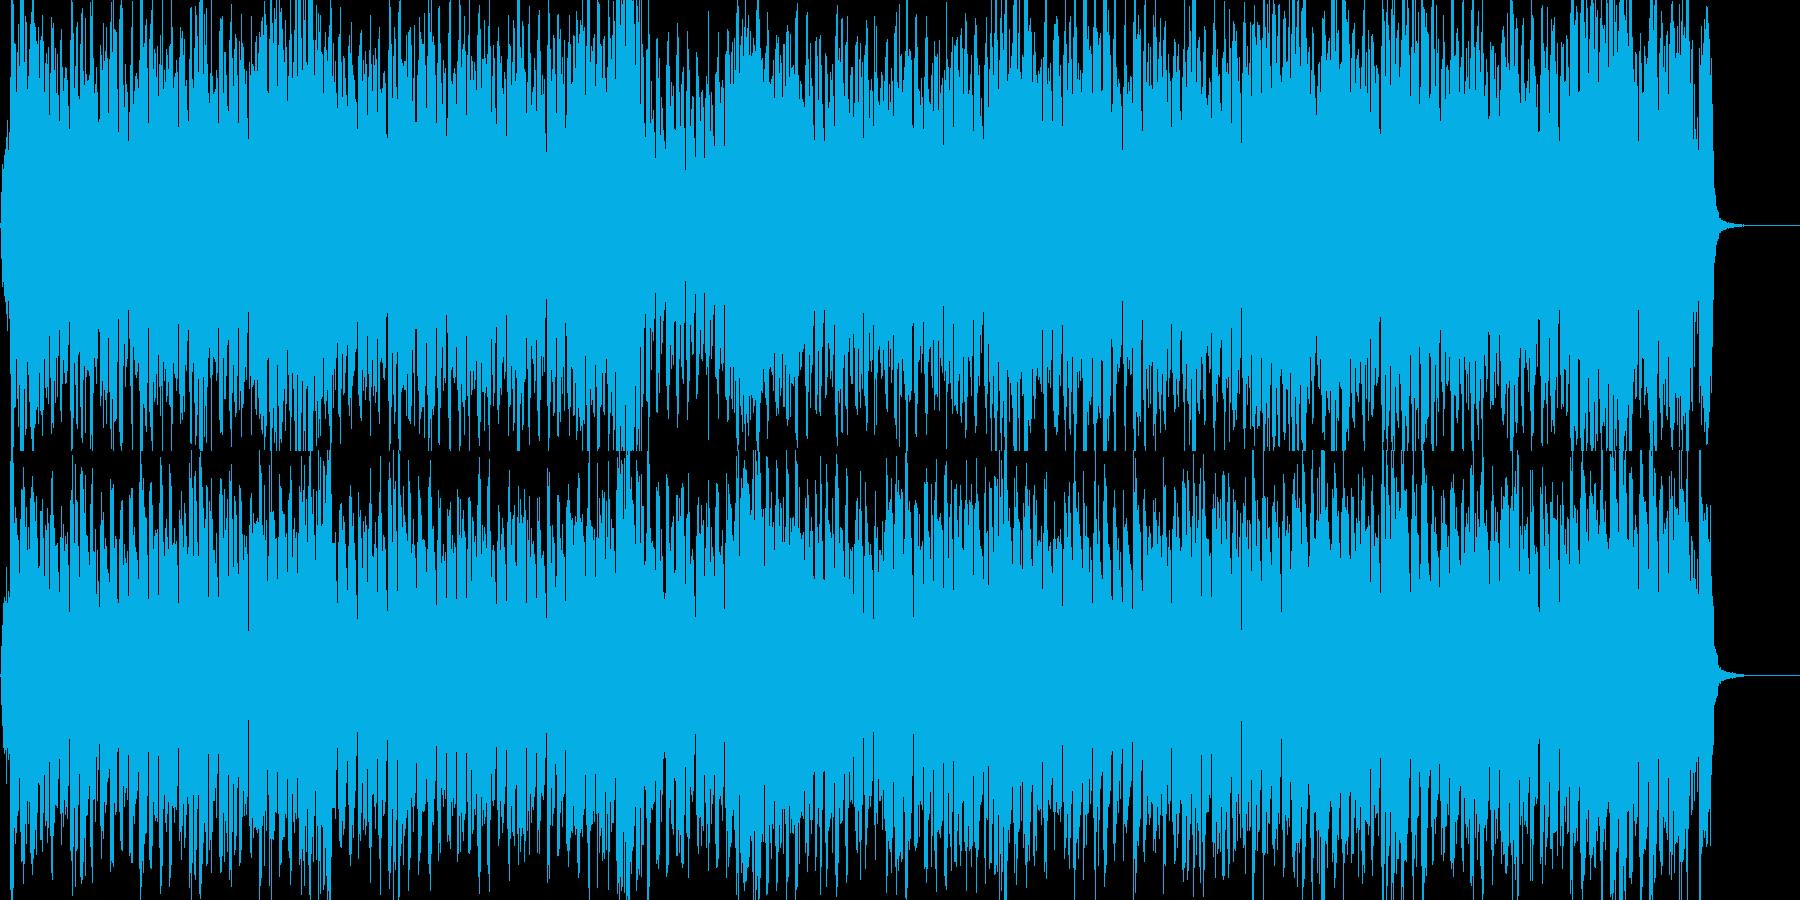 ストリングスが爽やかな4つ打ちポップの再生済みの波形